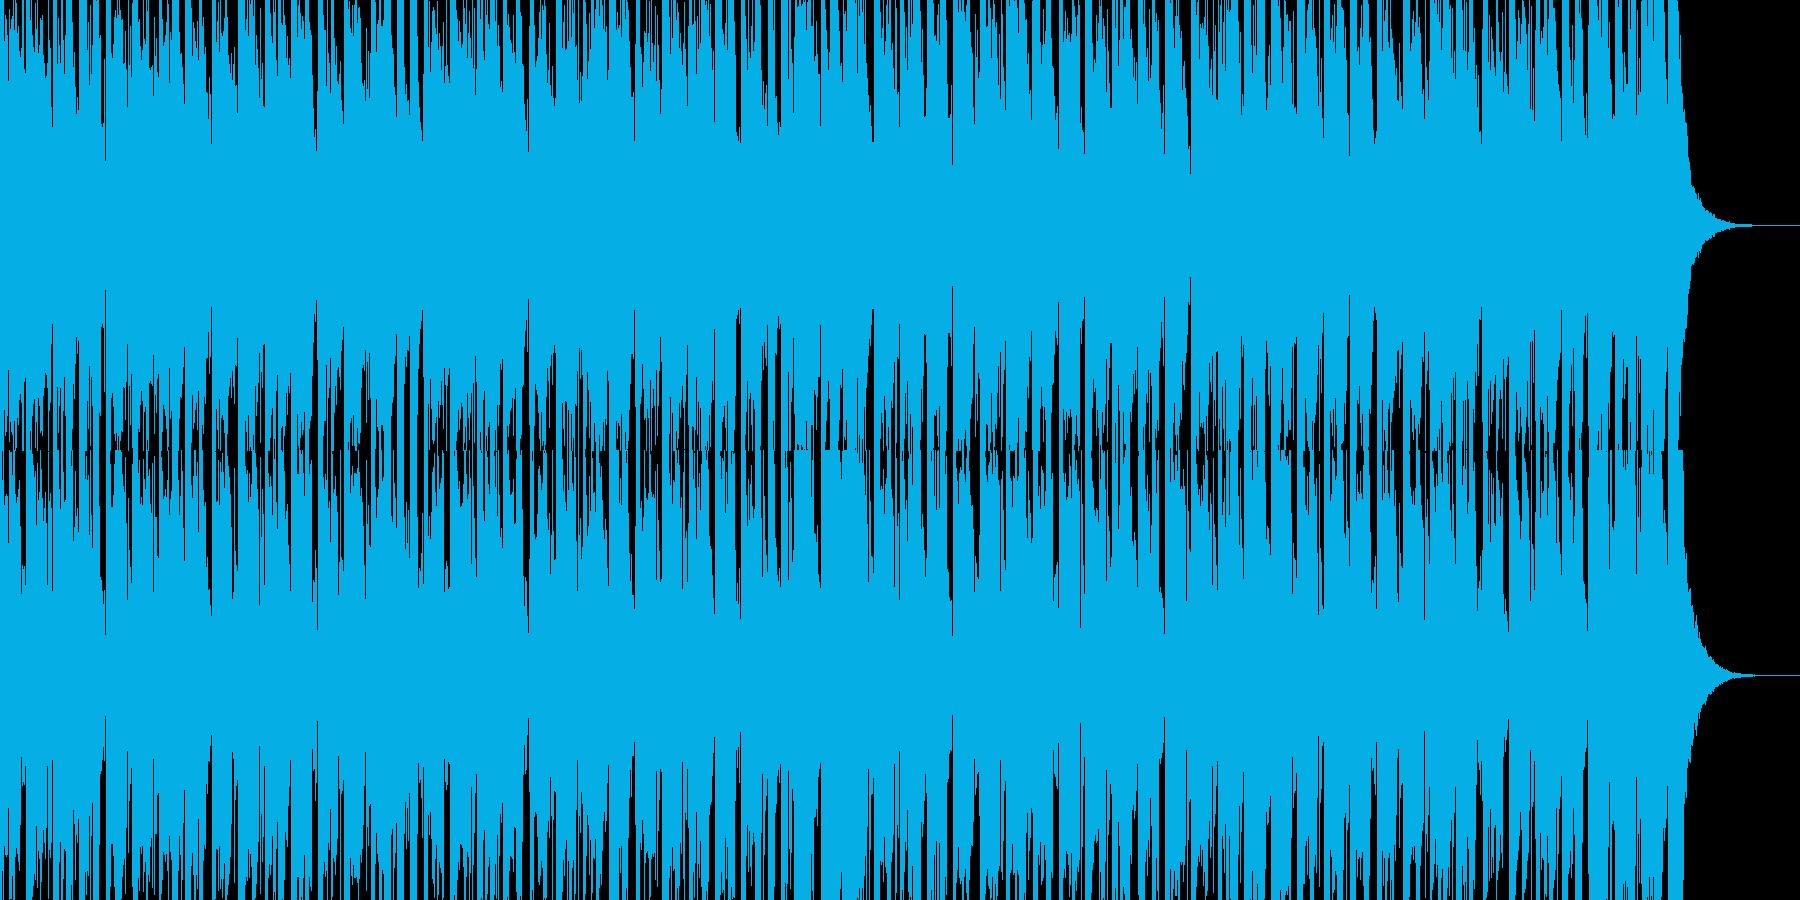 ジングルベル スキャット入り1 ED終止の再生済みの波形